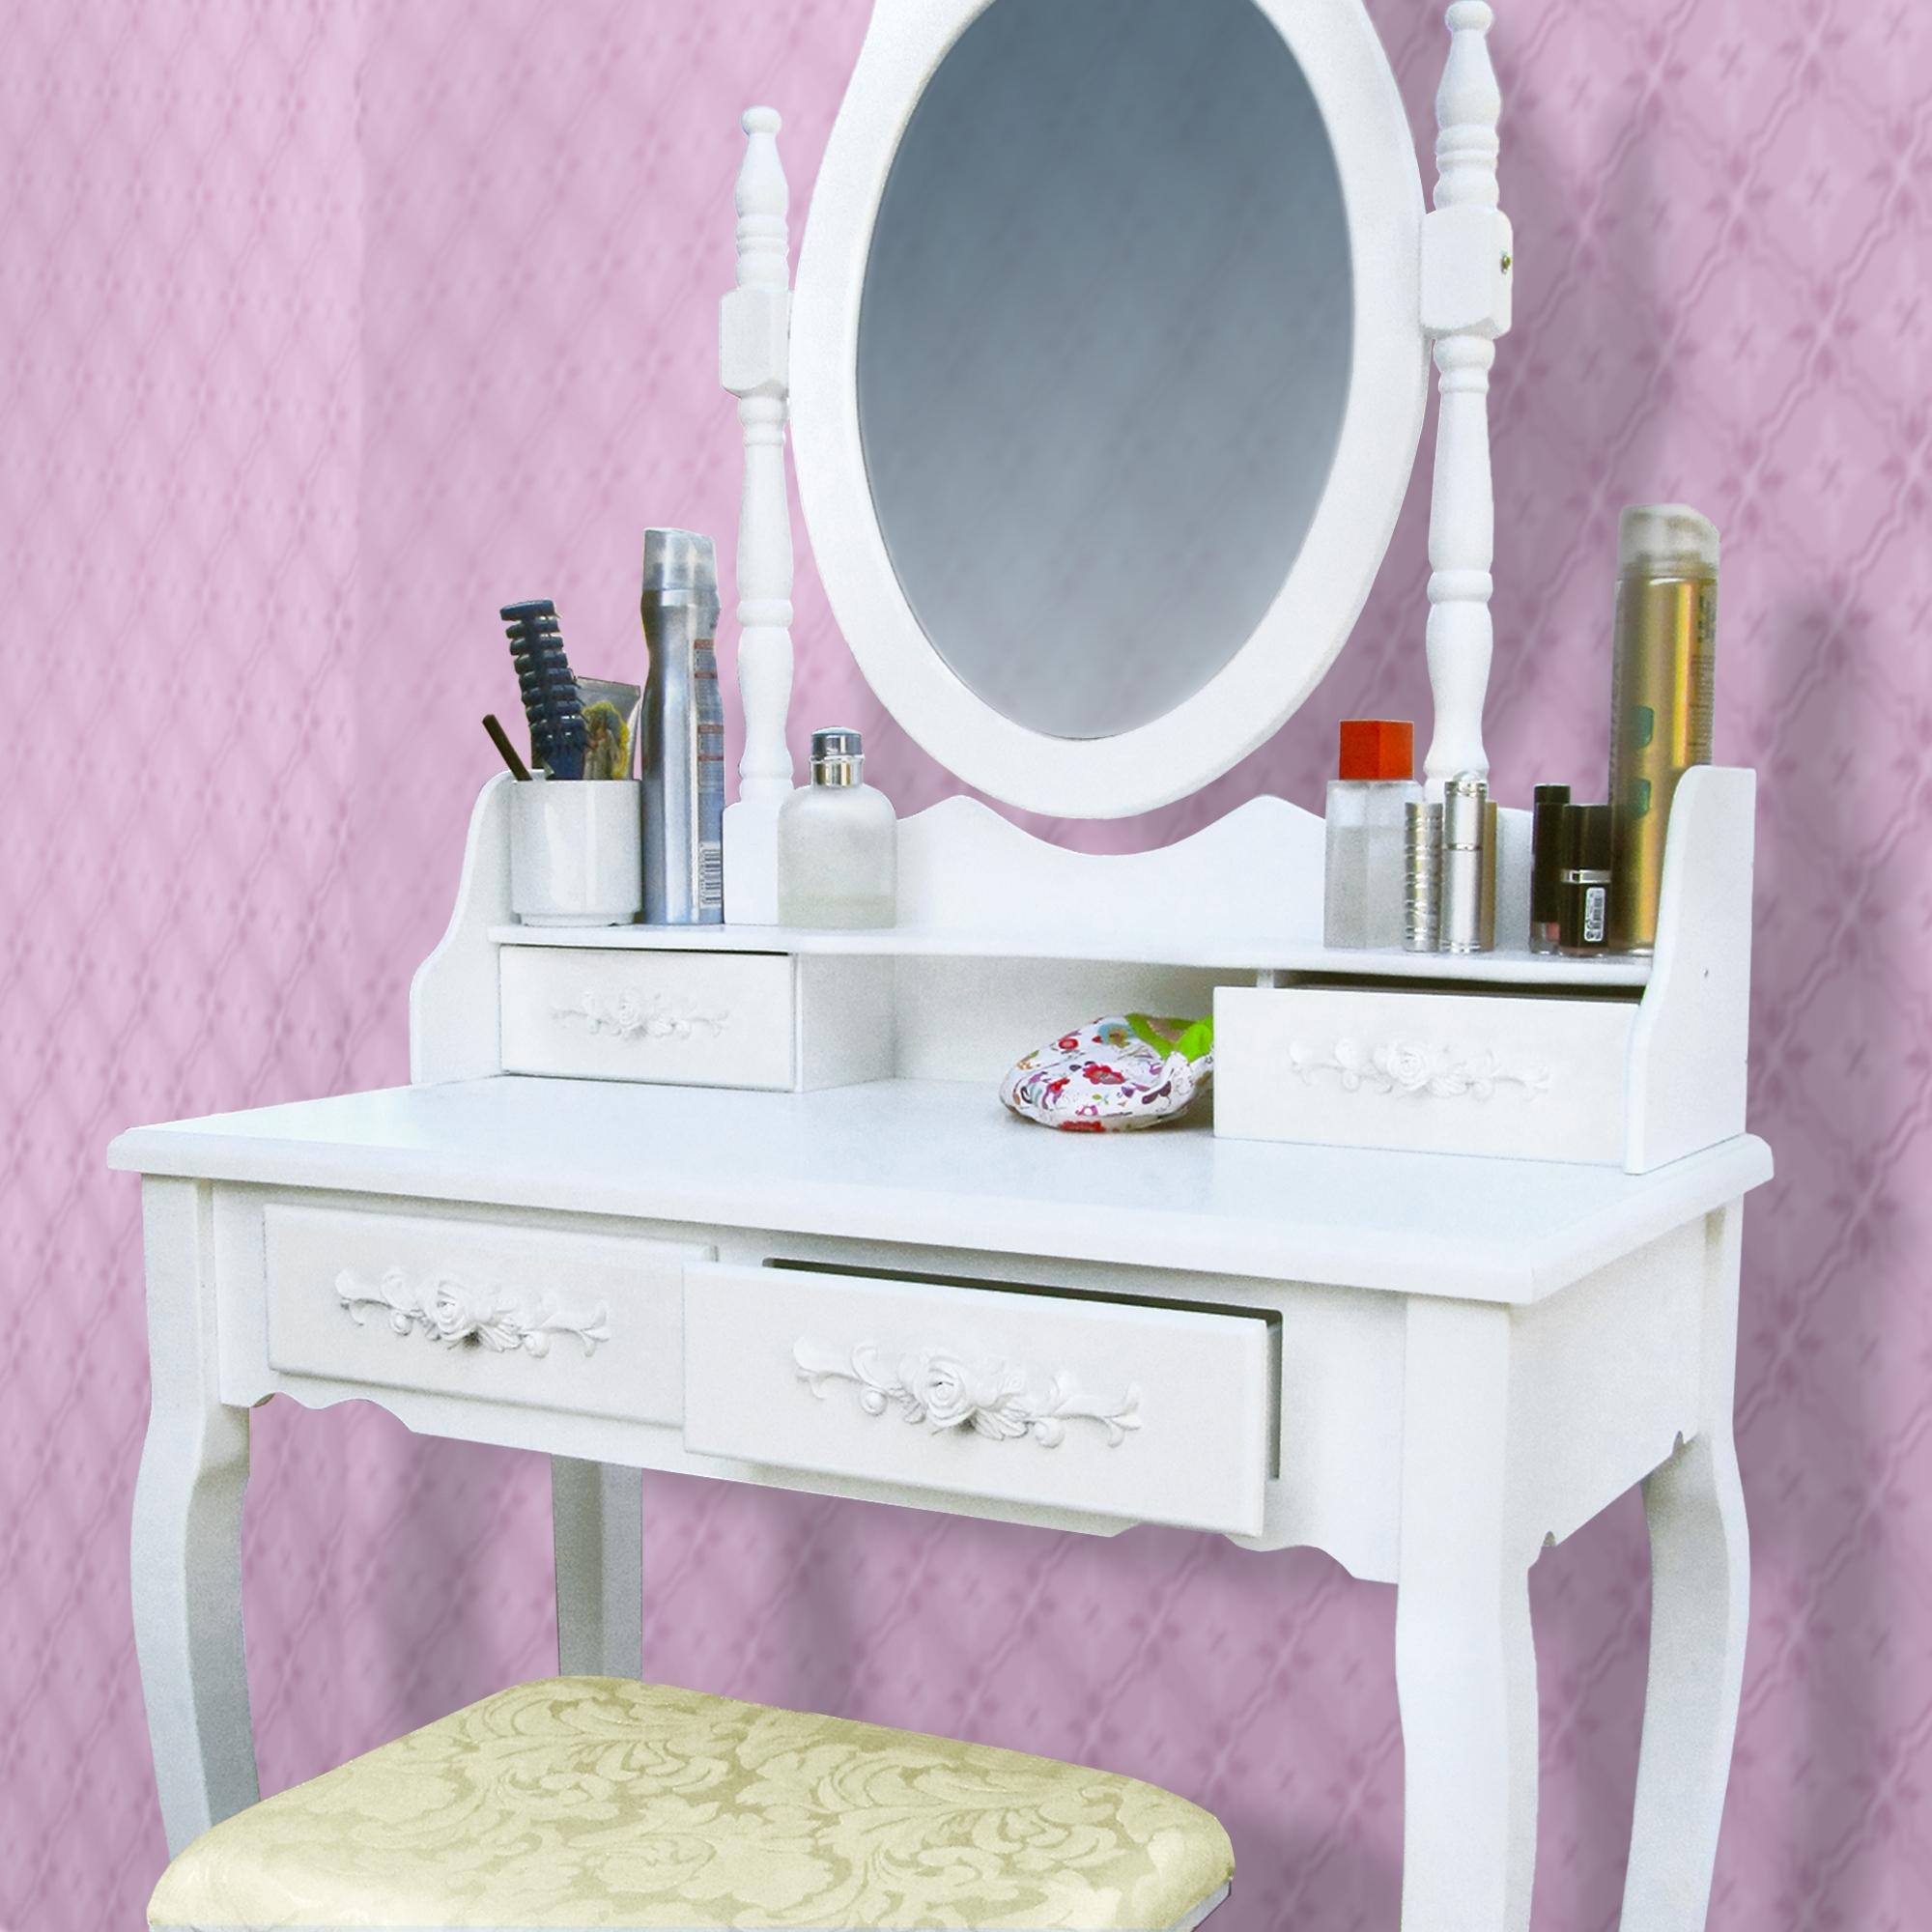 schminktisch frisierkommode frisiertisch kosmetiktisch mit spiegel und. Black Bedroom Furniture Sets. Home Design Ideas